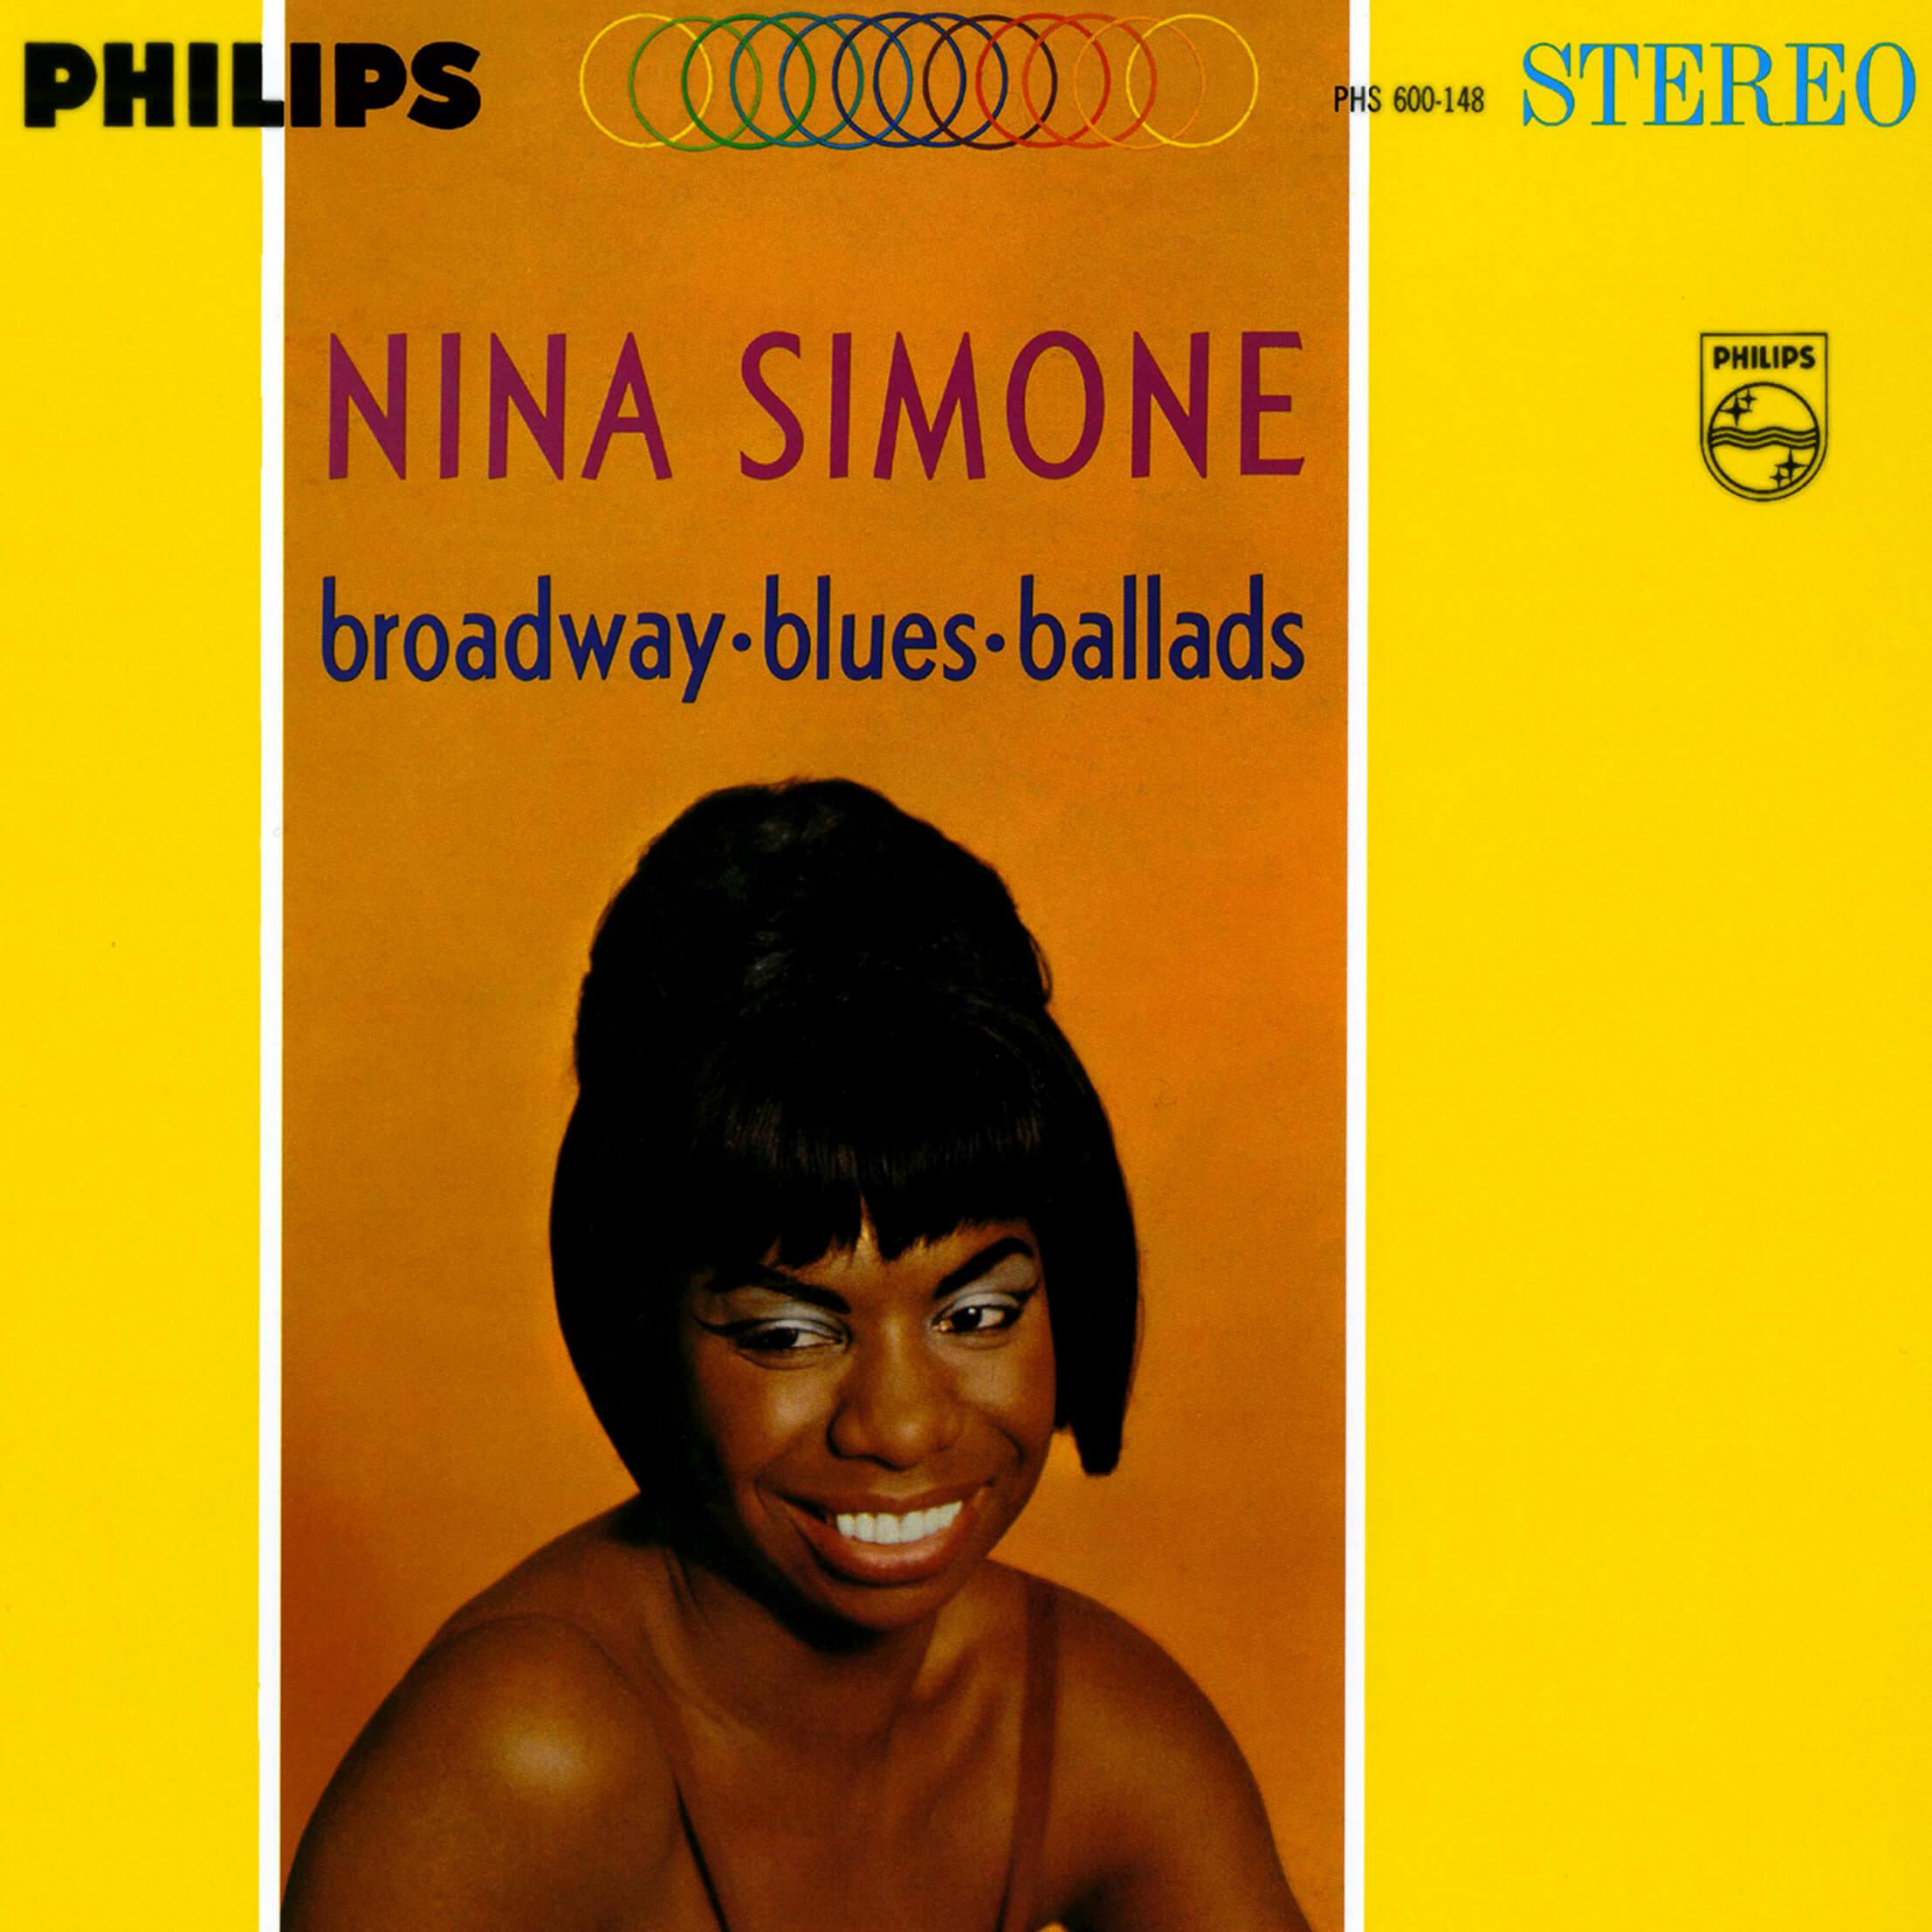 Nina Simone: Broadway - Blues - Ballads